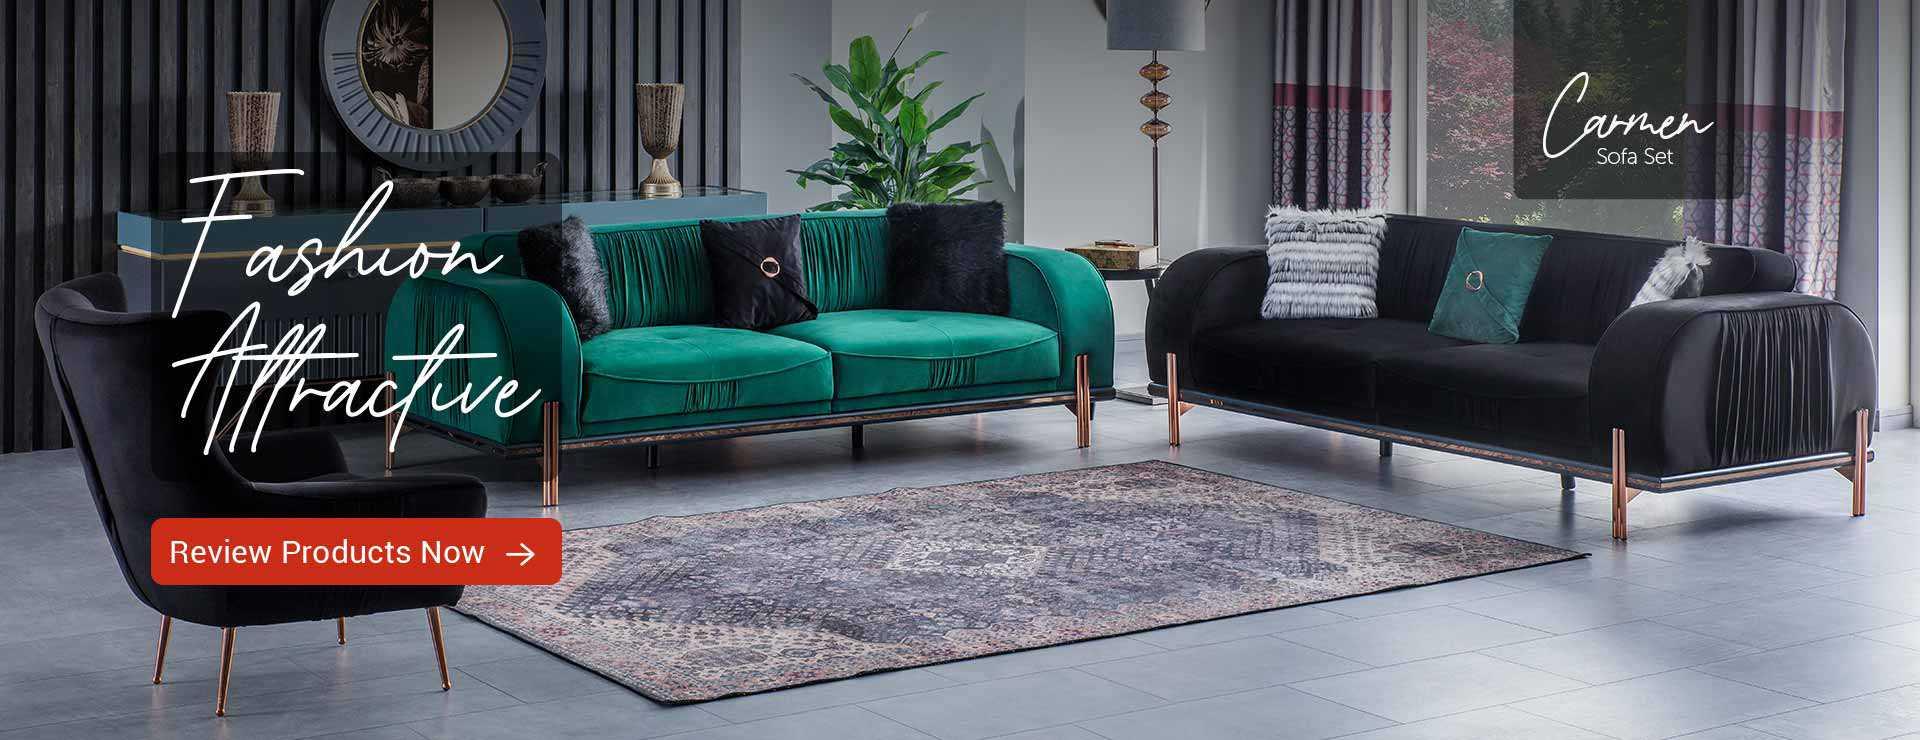 carmen sofa set